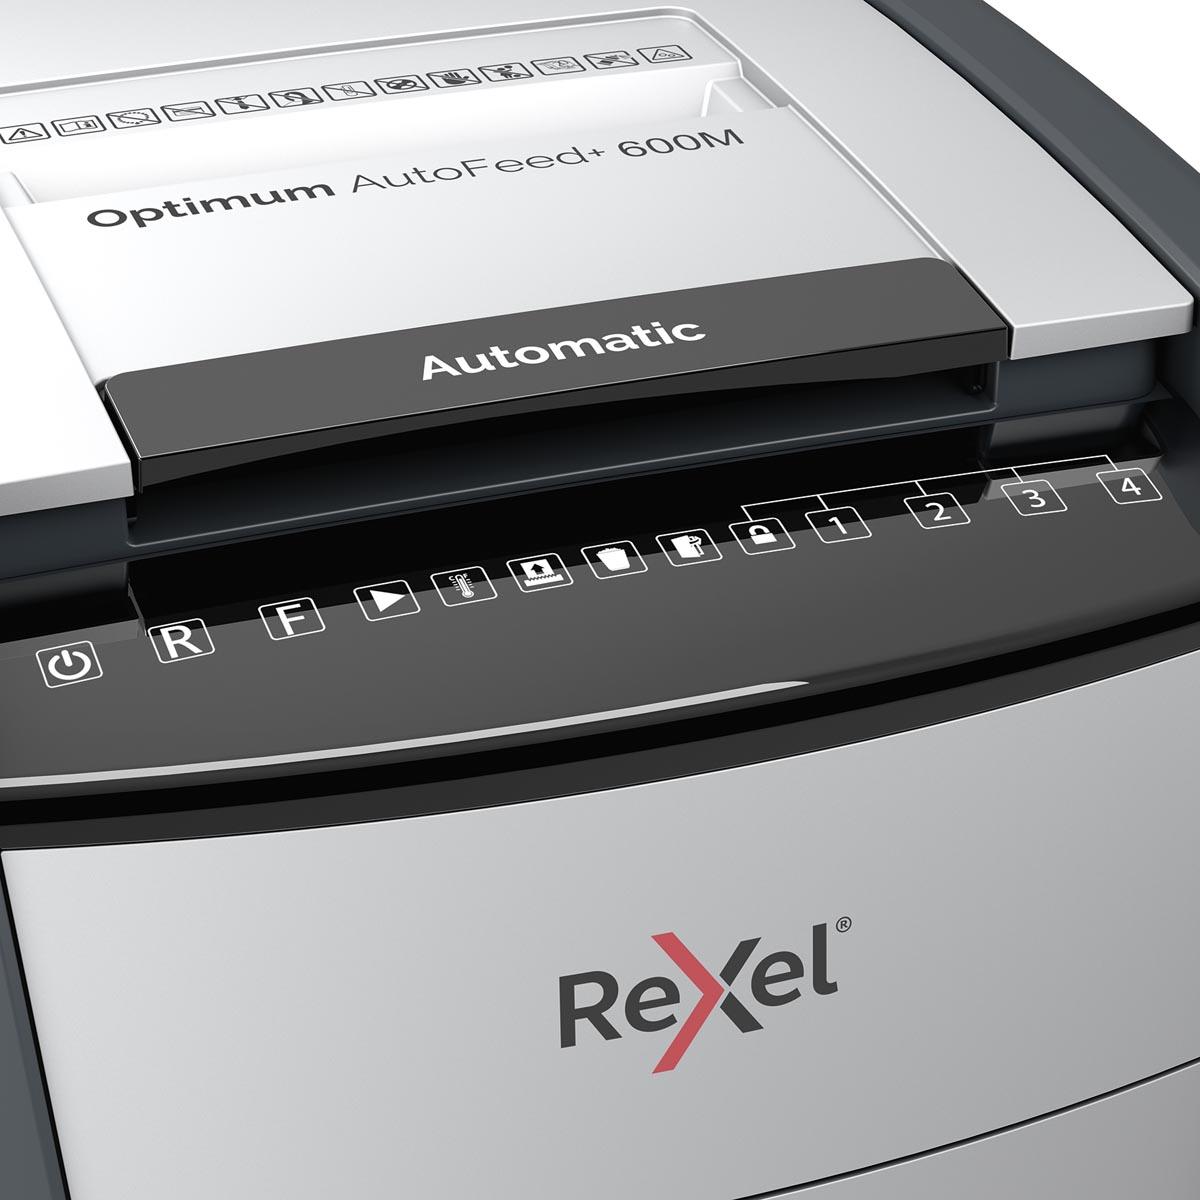 Rexel Optimum Auto+ 600M papiervernietiger